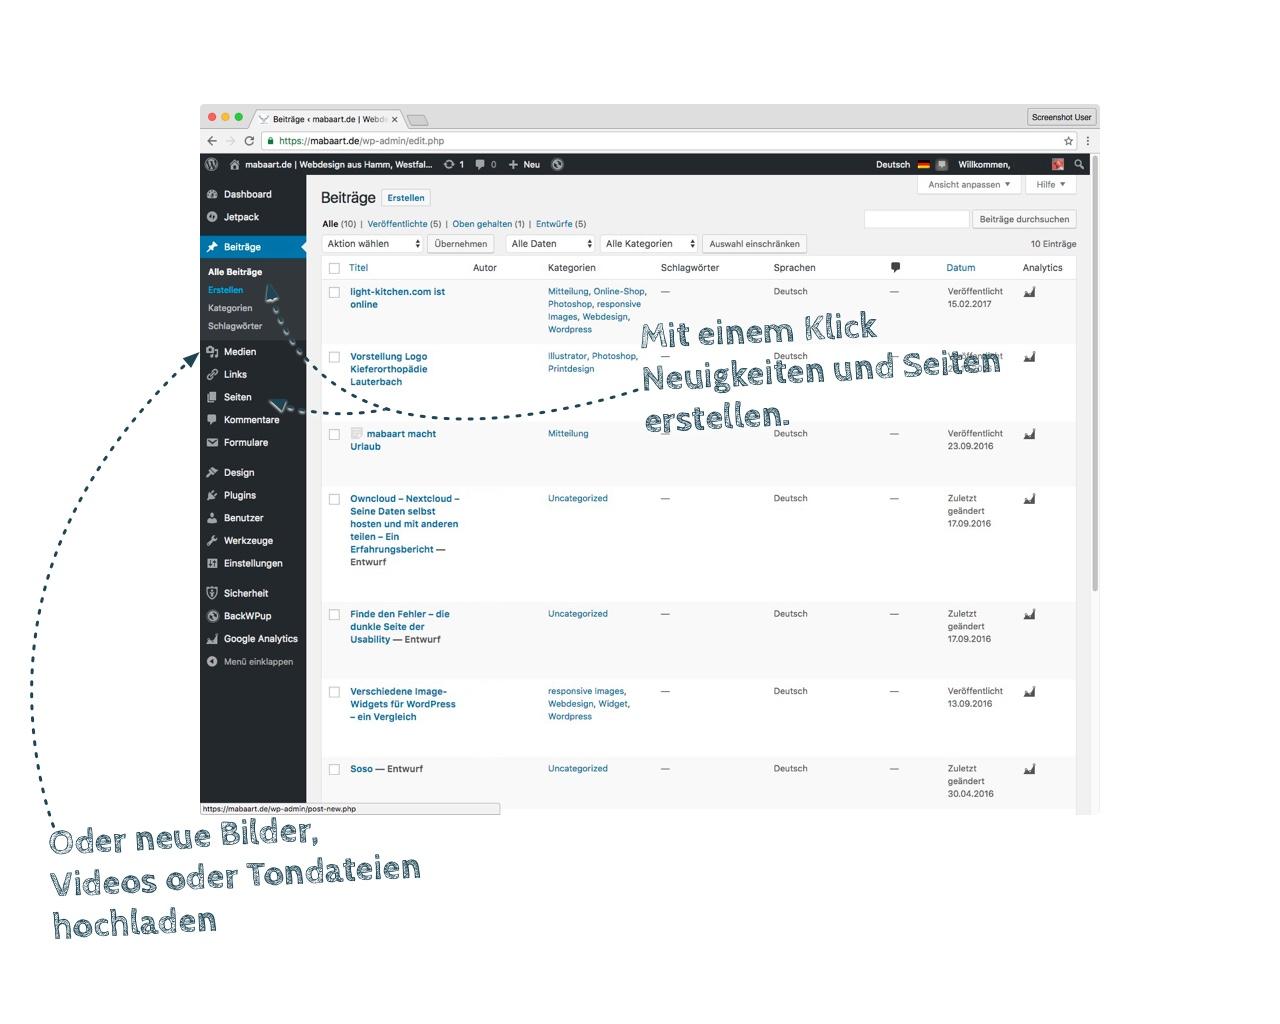 Bildschirmfoto des WordPress Backends mit Hervorhebung der Beitragserstellung, Seitenerstellung und Medienupload